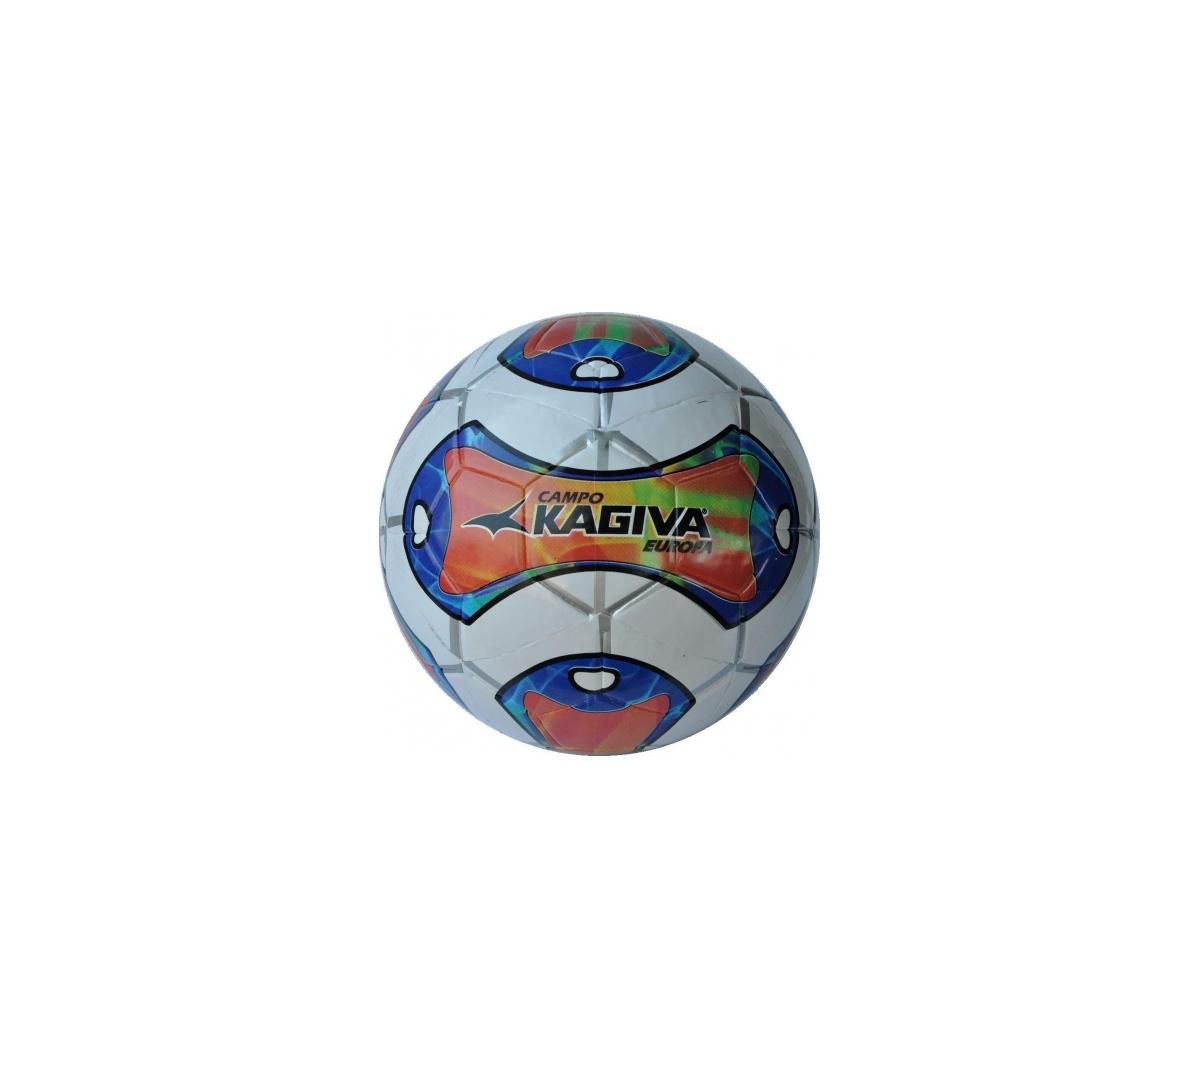 ba75d6dfd3 Bola Kagiva Campo C11 Europa Bola Kagiva Campo C11 Europa